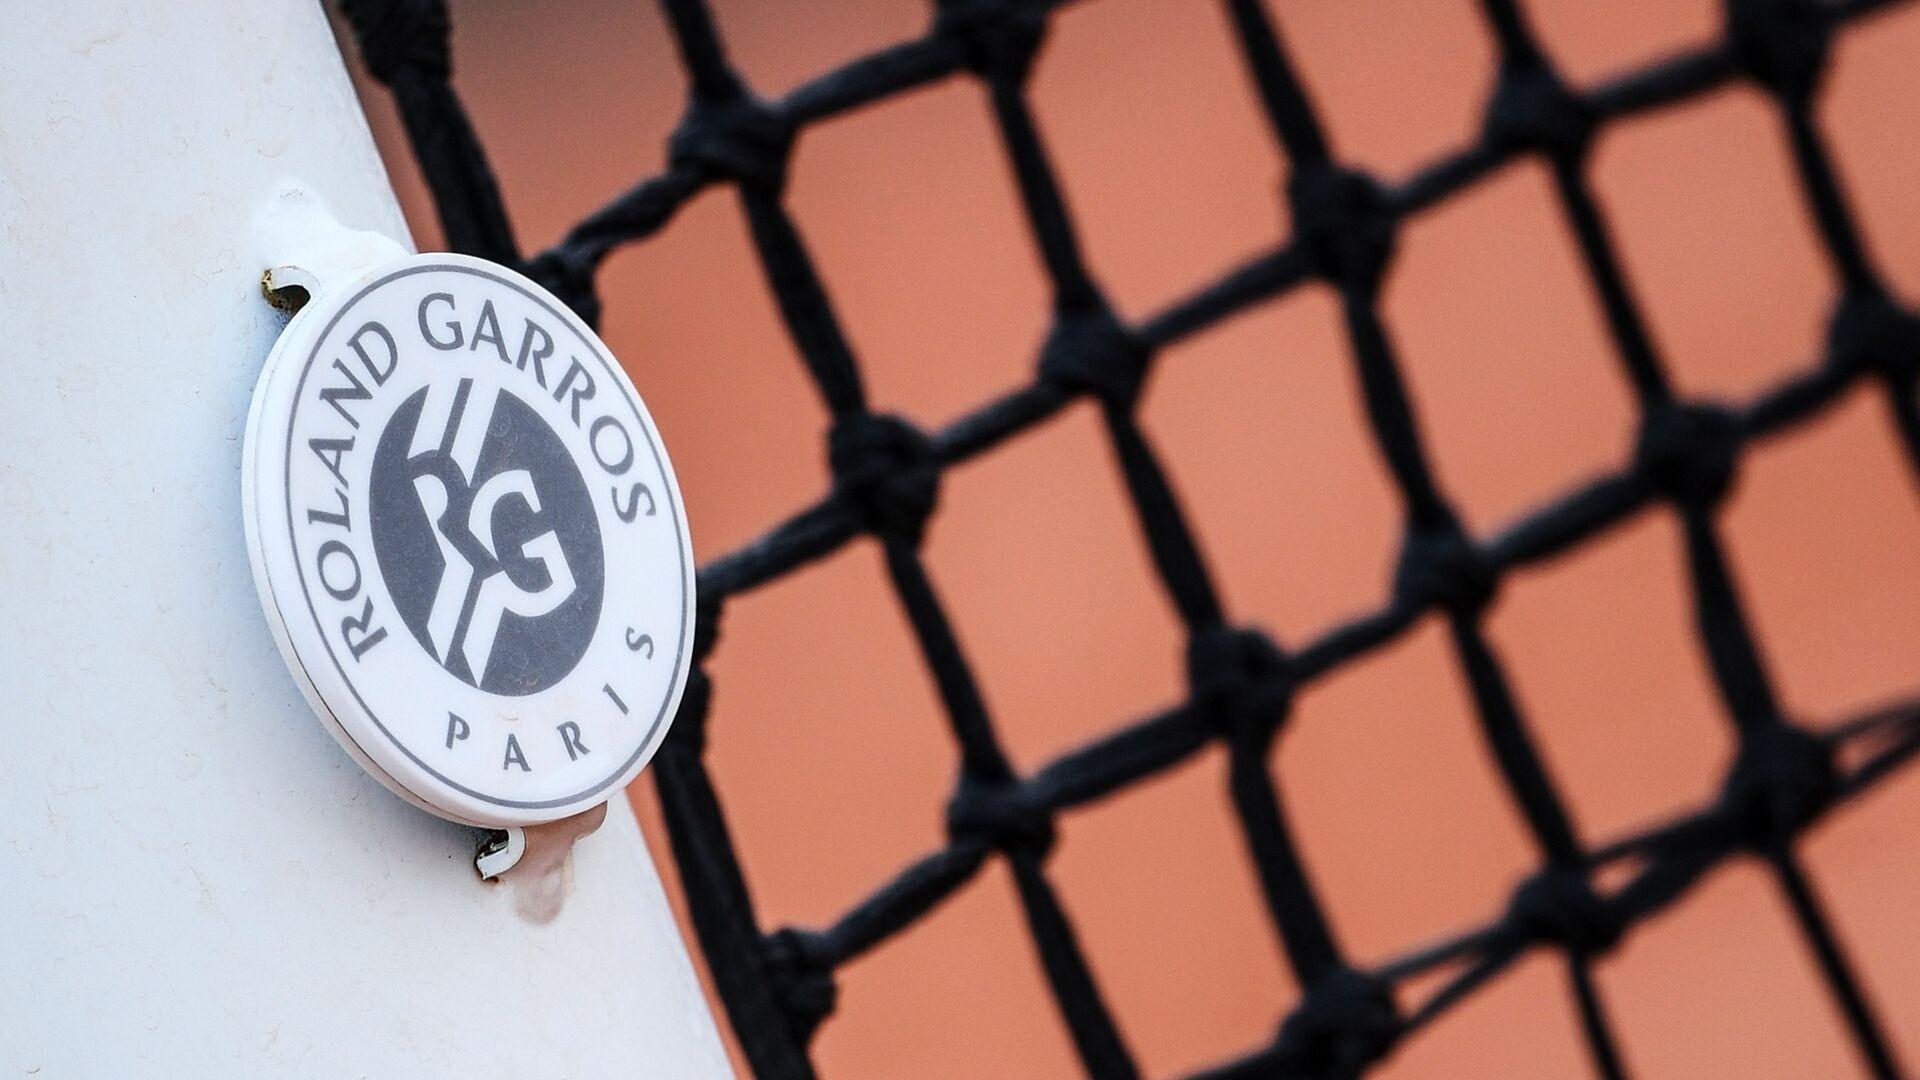 Эмблема Открытого чемпионата Франции по теннису (Ролан Гаррос) - РИА Новости, 1920, 12.06.2021